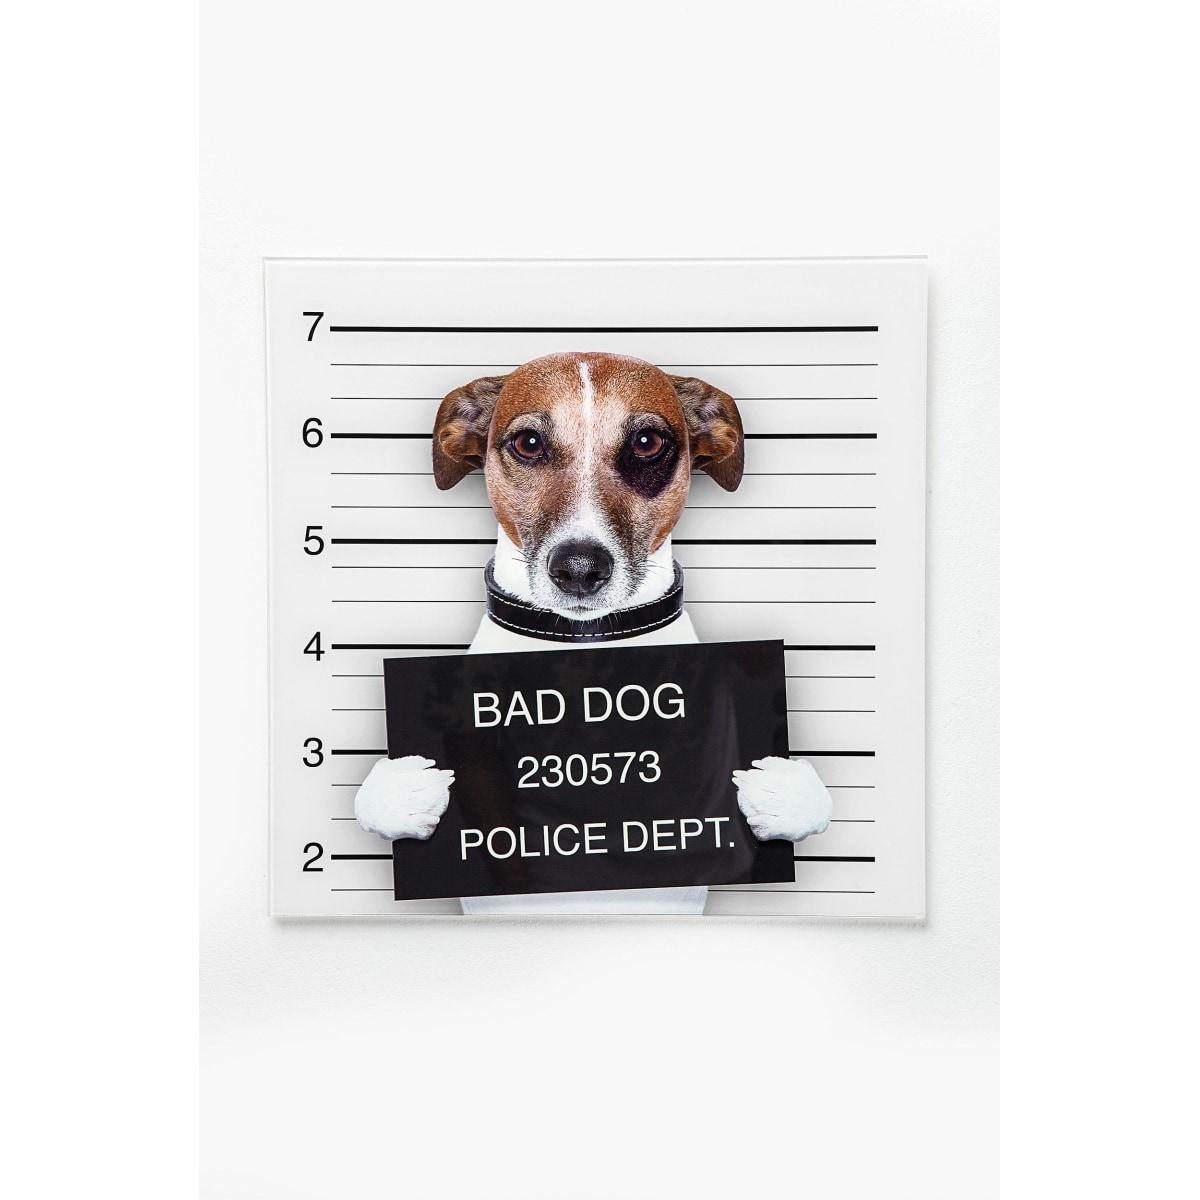 bild glas bad dog porta porta m bel online kaufen. Black Bedroom Furniture Sets. Home Design Ideas